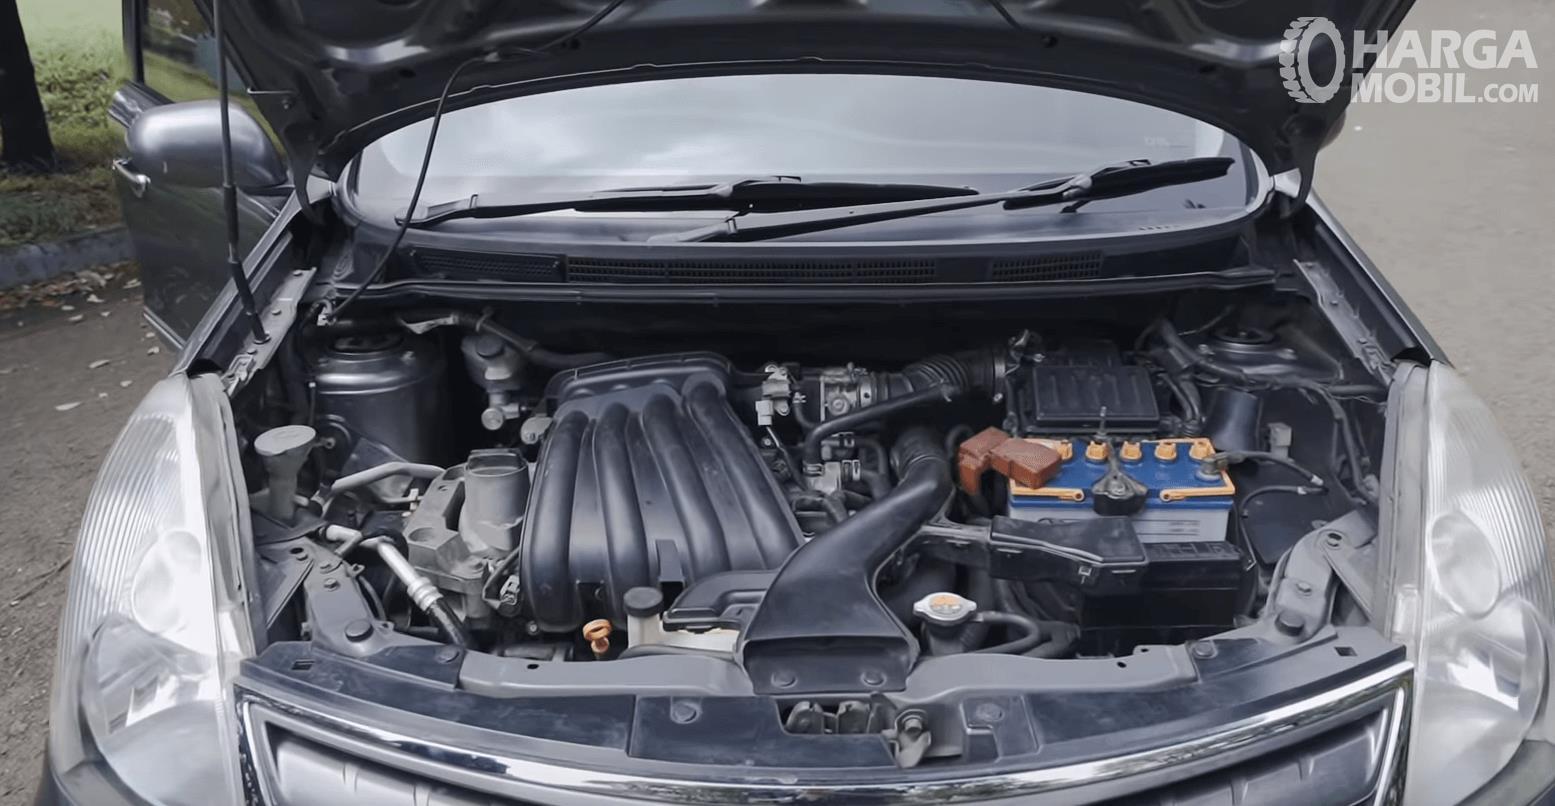 Gambar ini menunjukkan mesin mobil Mobil Nissan Grand Livina XV 2012